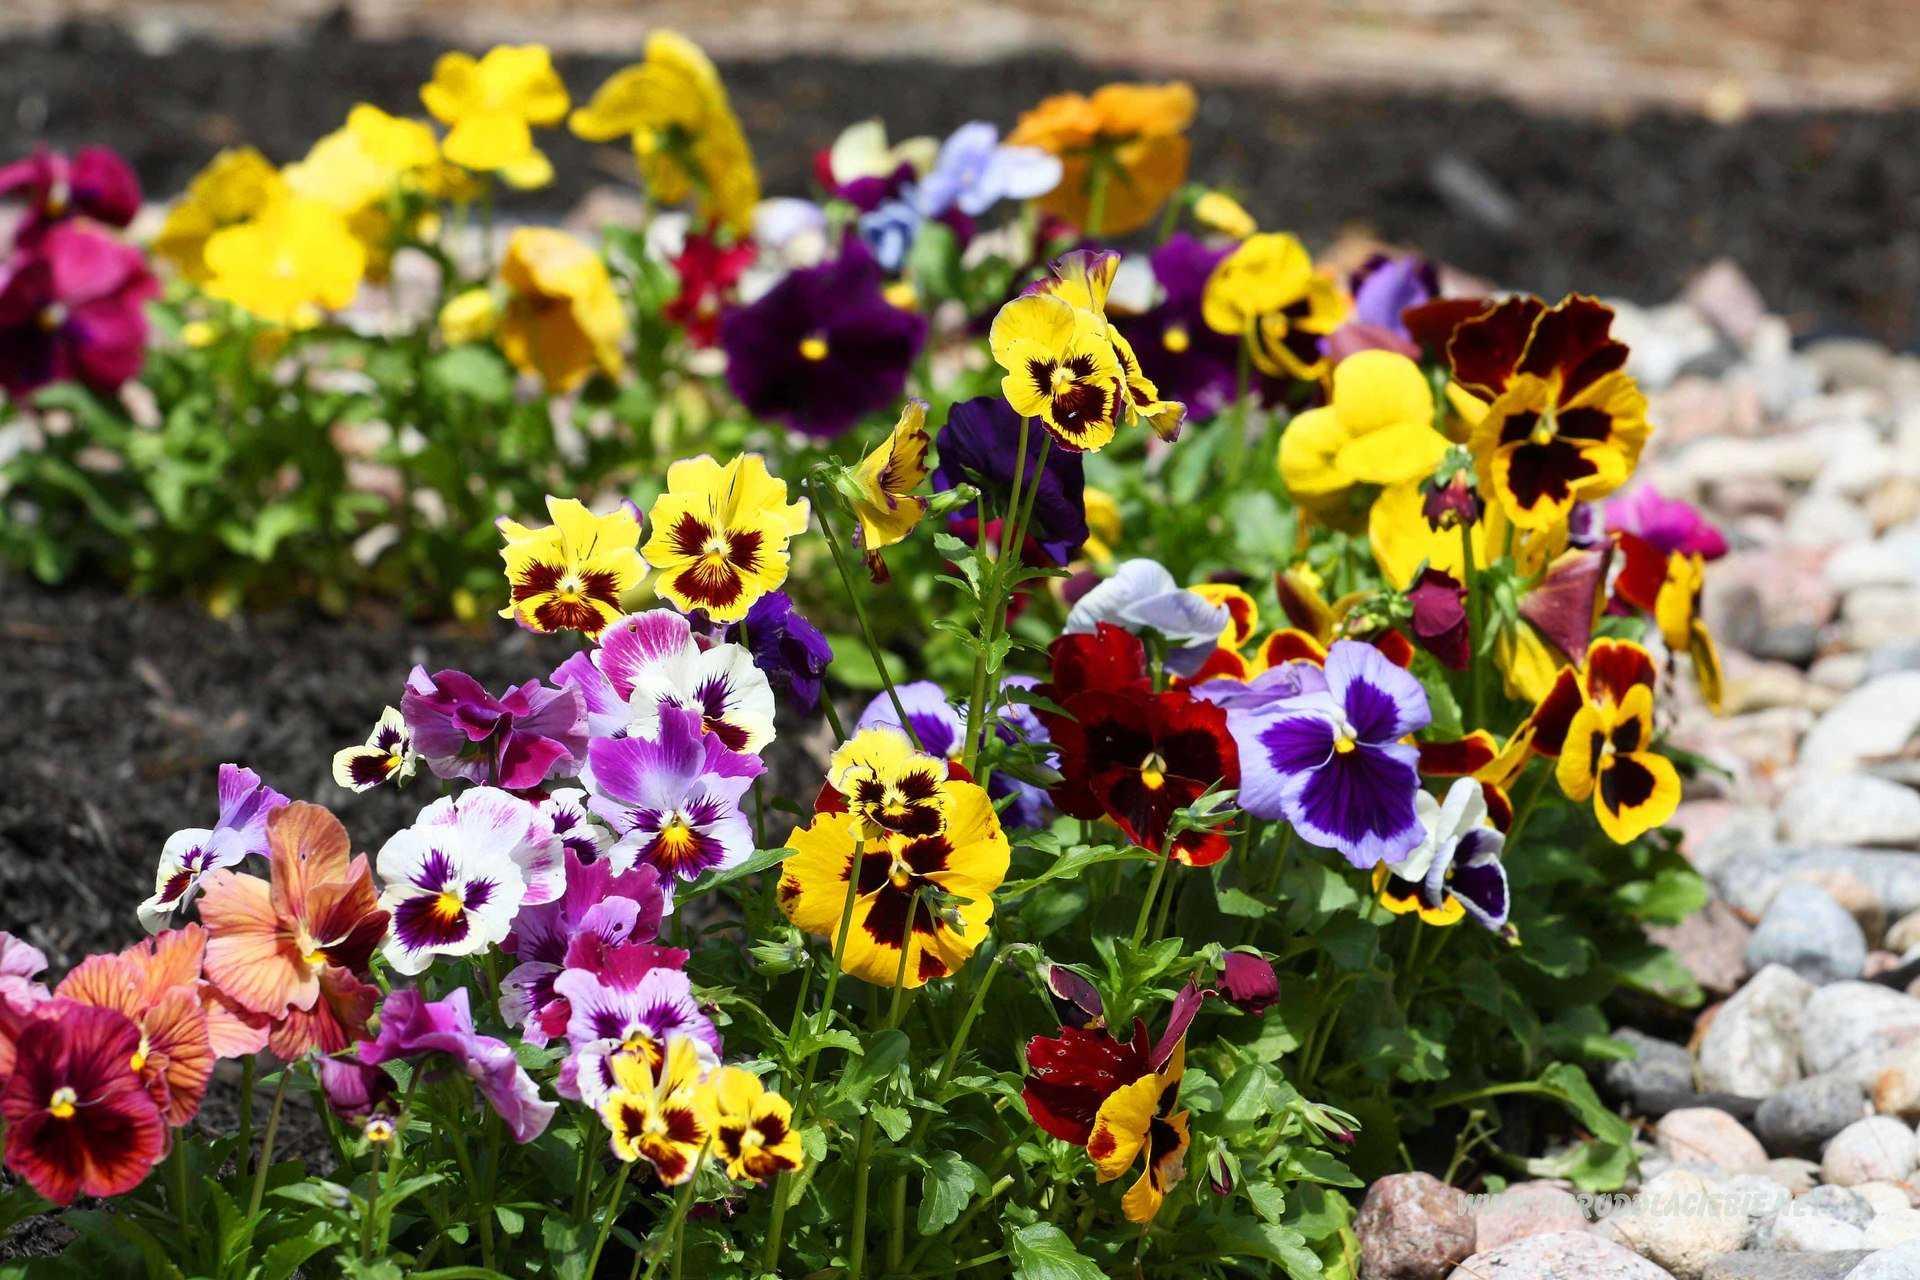 анютины глазки цветы фото клумбы снимки широко использовались